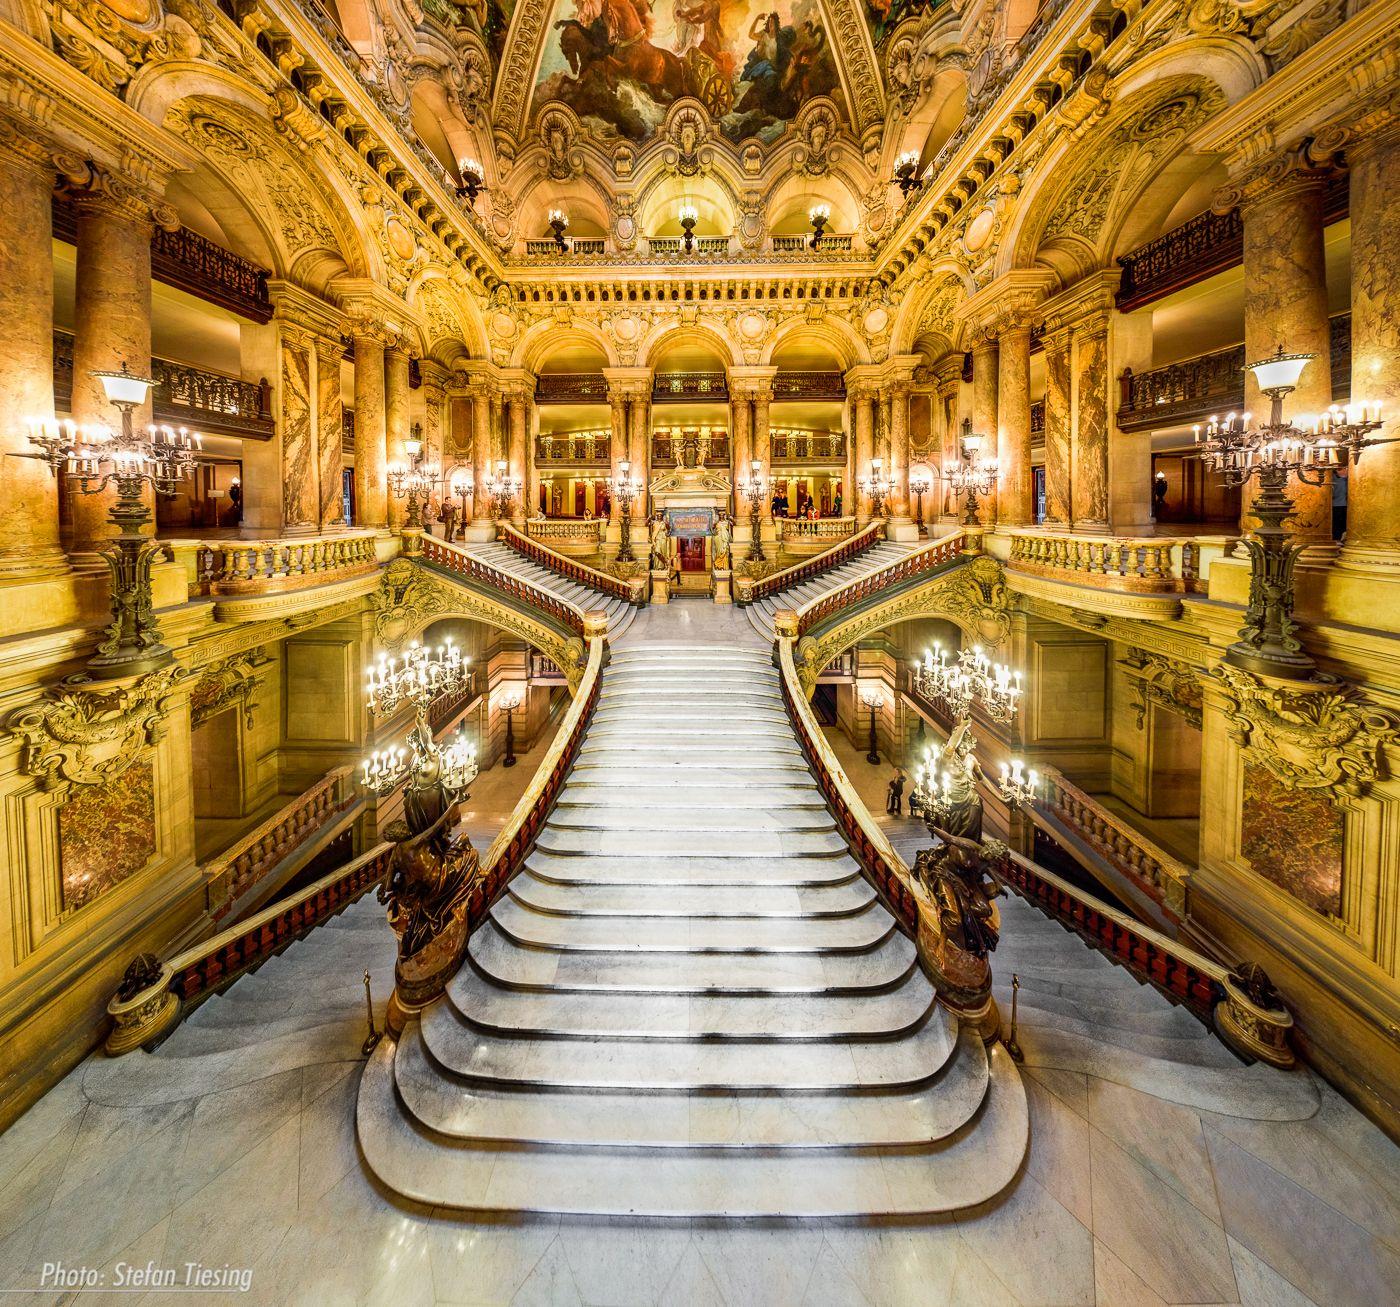 Grand Foyer De L Art Roman : Staircases the grand staircase at palais garnier